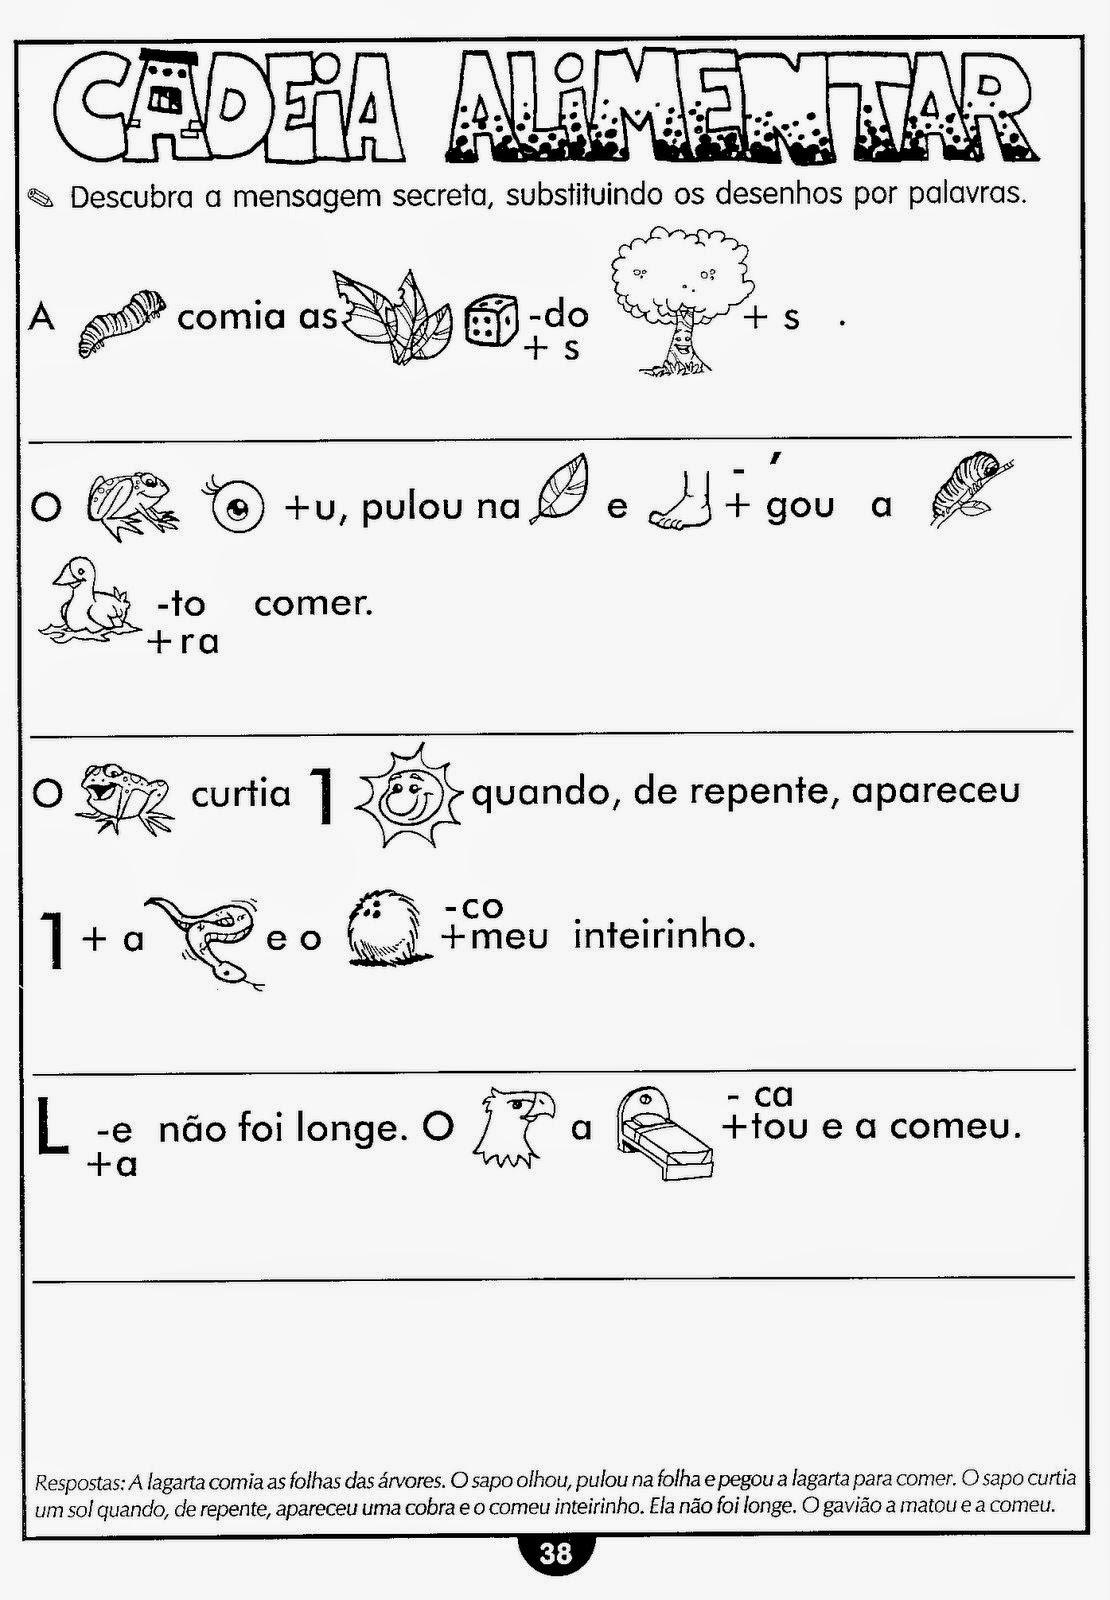 Muito Escola Saber: Atividades de ciências cadeia alimentar WC23